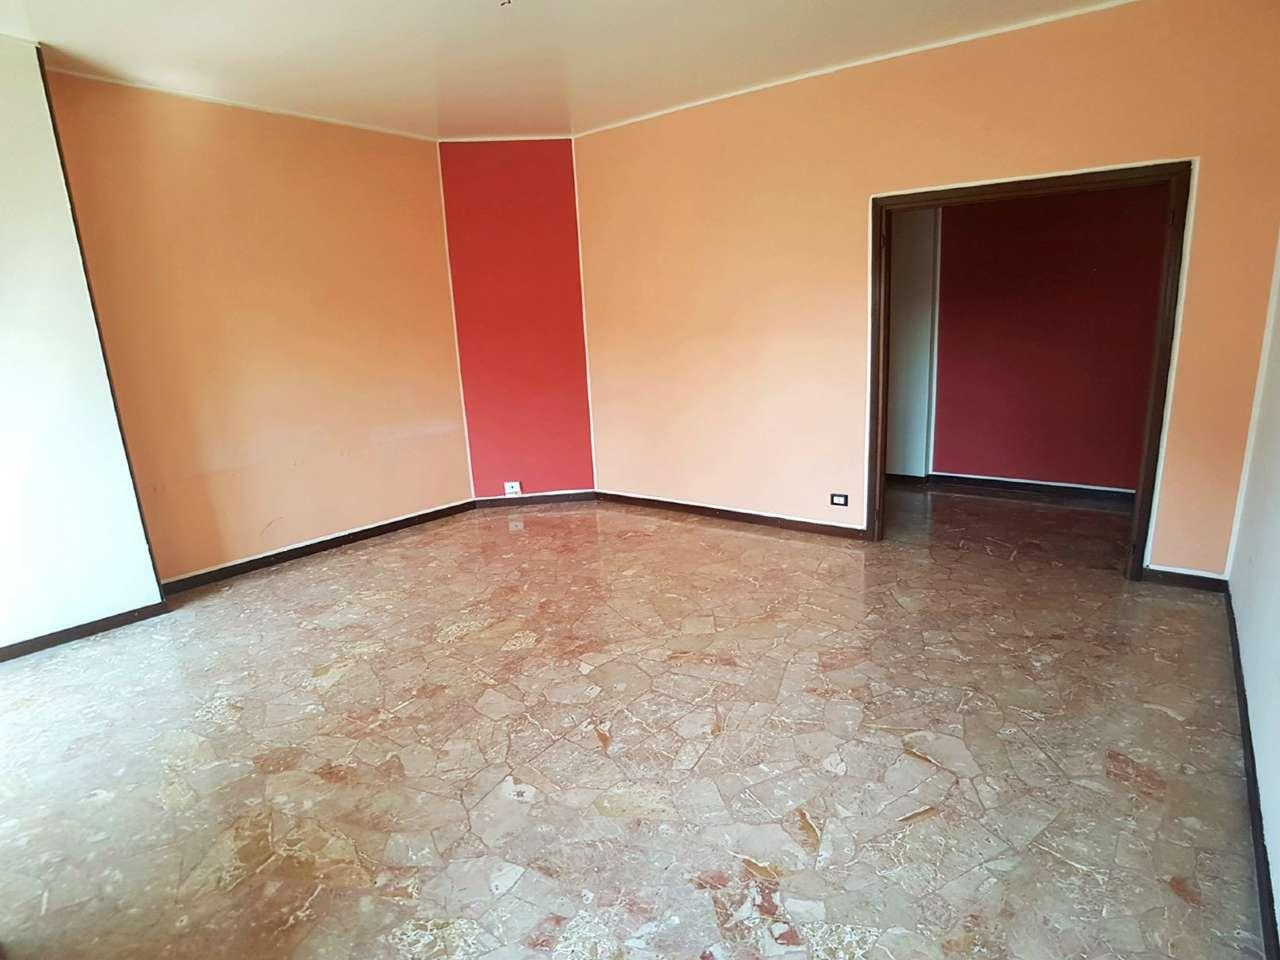 Appartamento in vendita a Saronno, 3 locali, prezzo € 119.000 | Cambio Casa.it